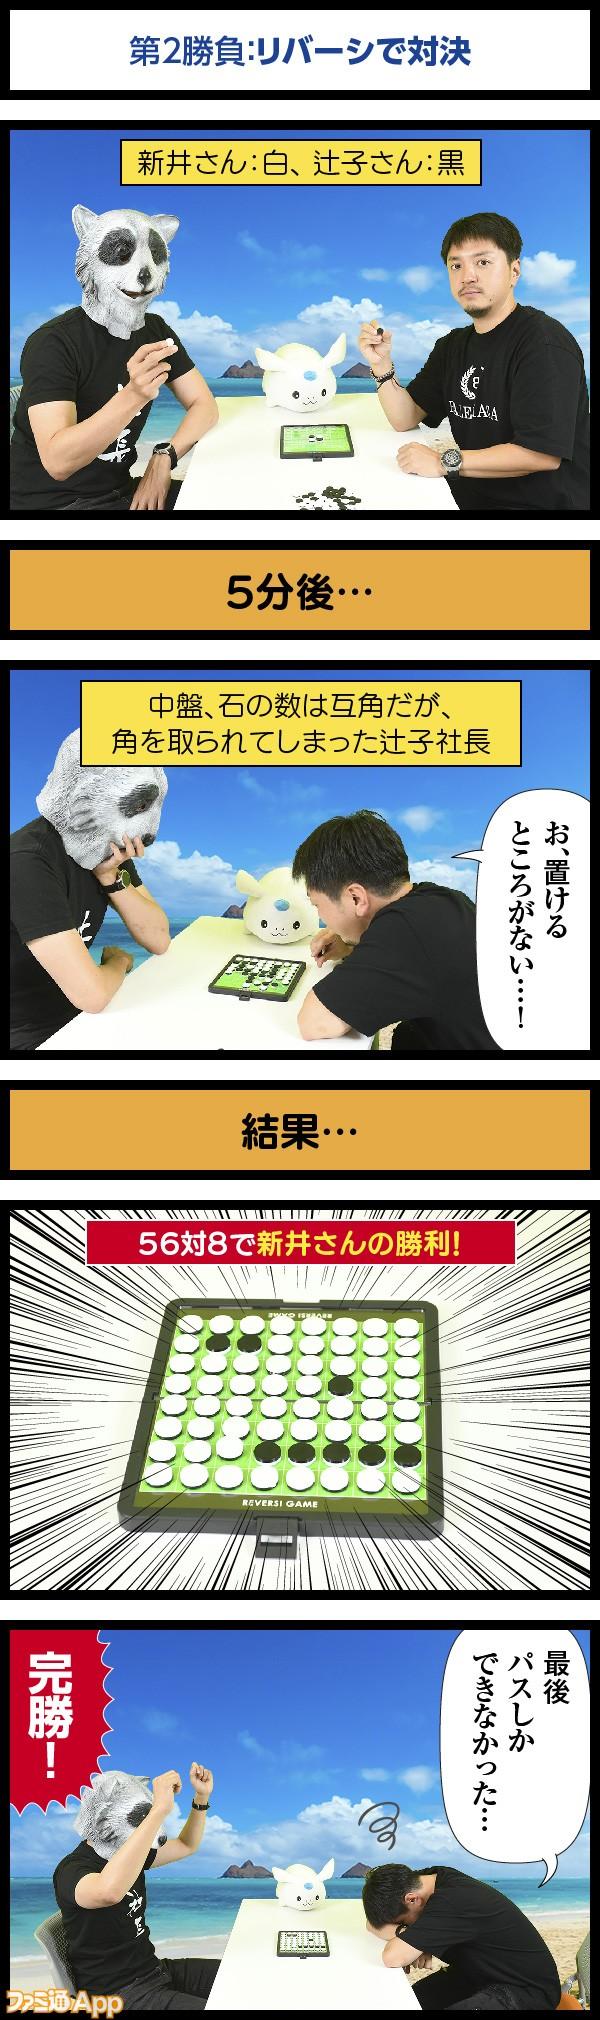 manga-nyanko-3